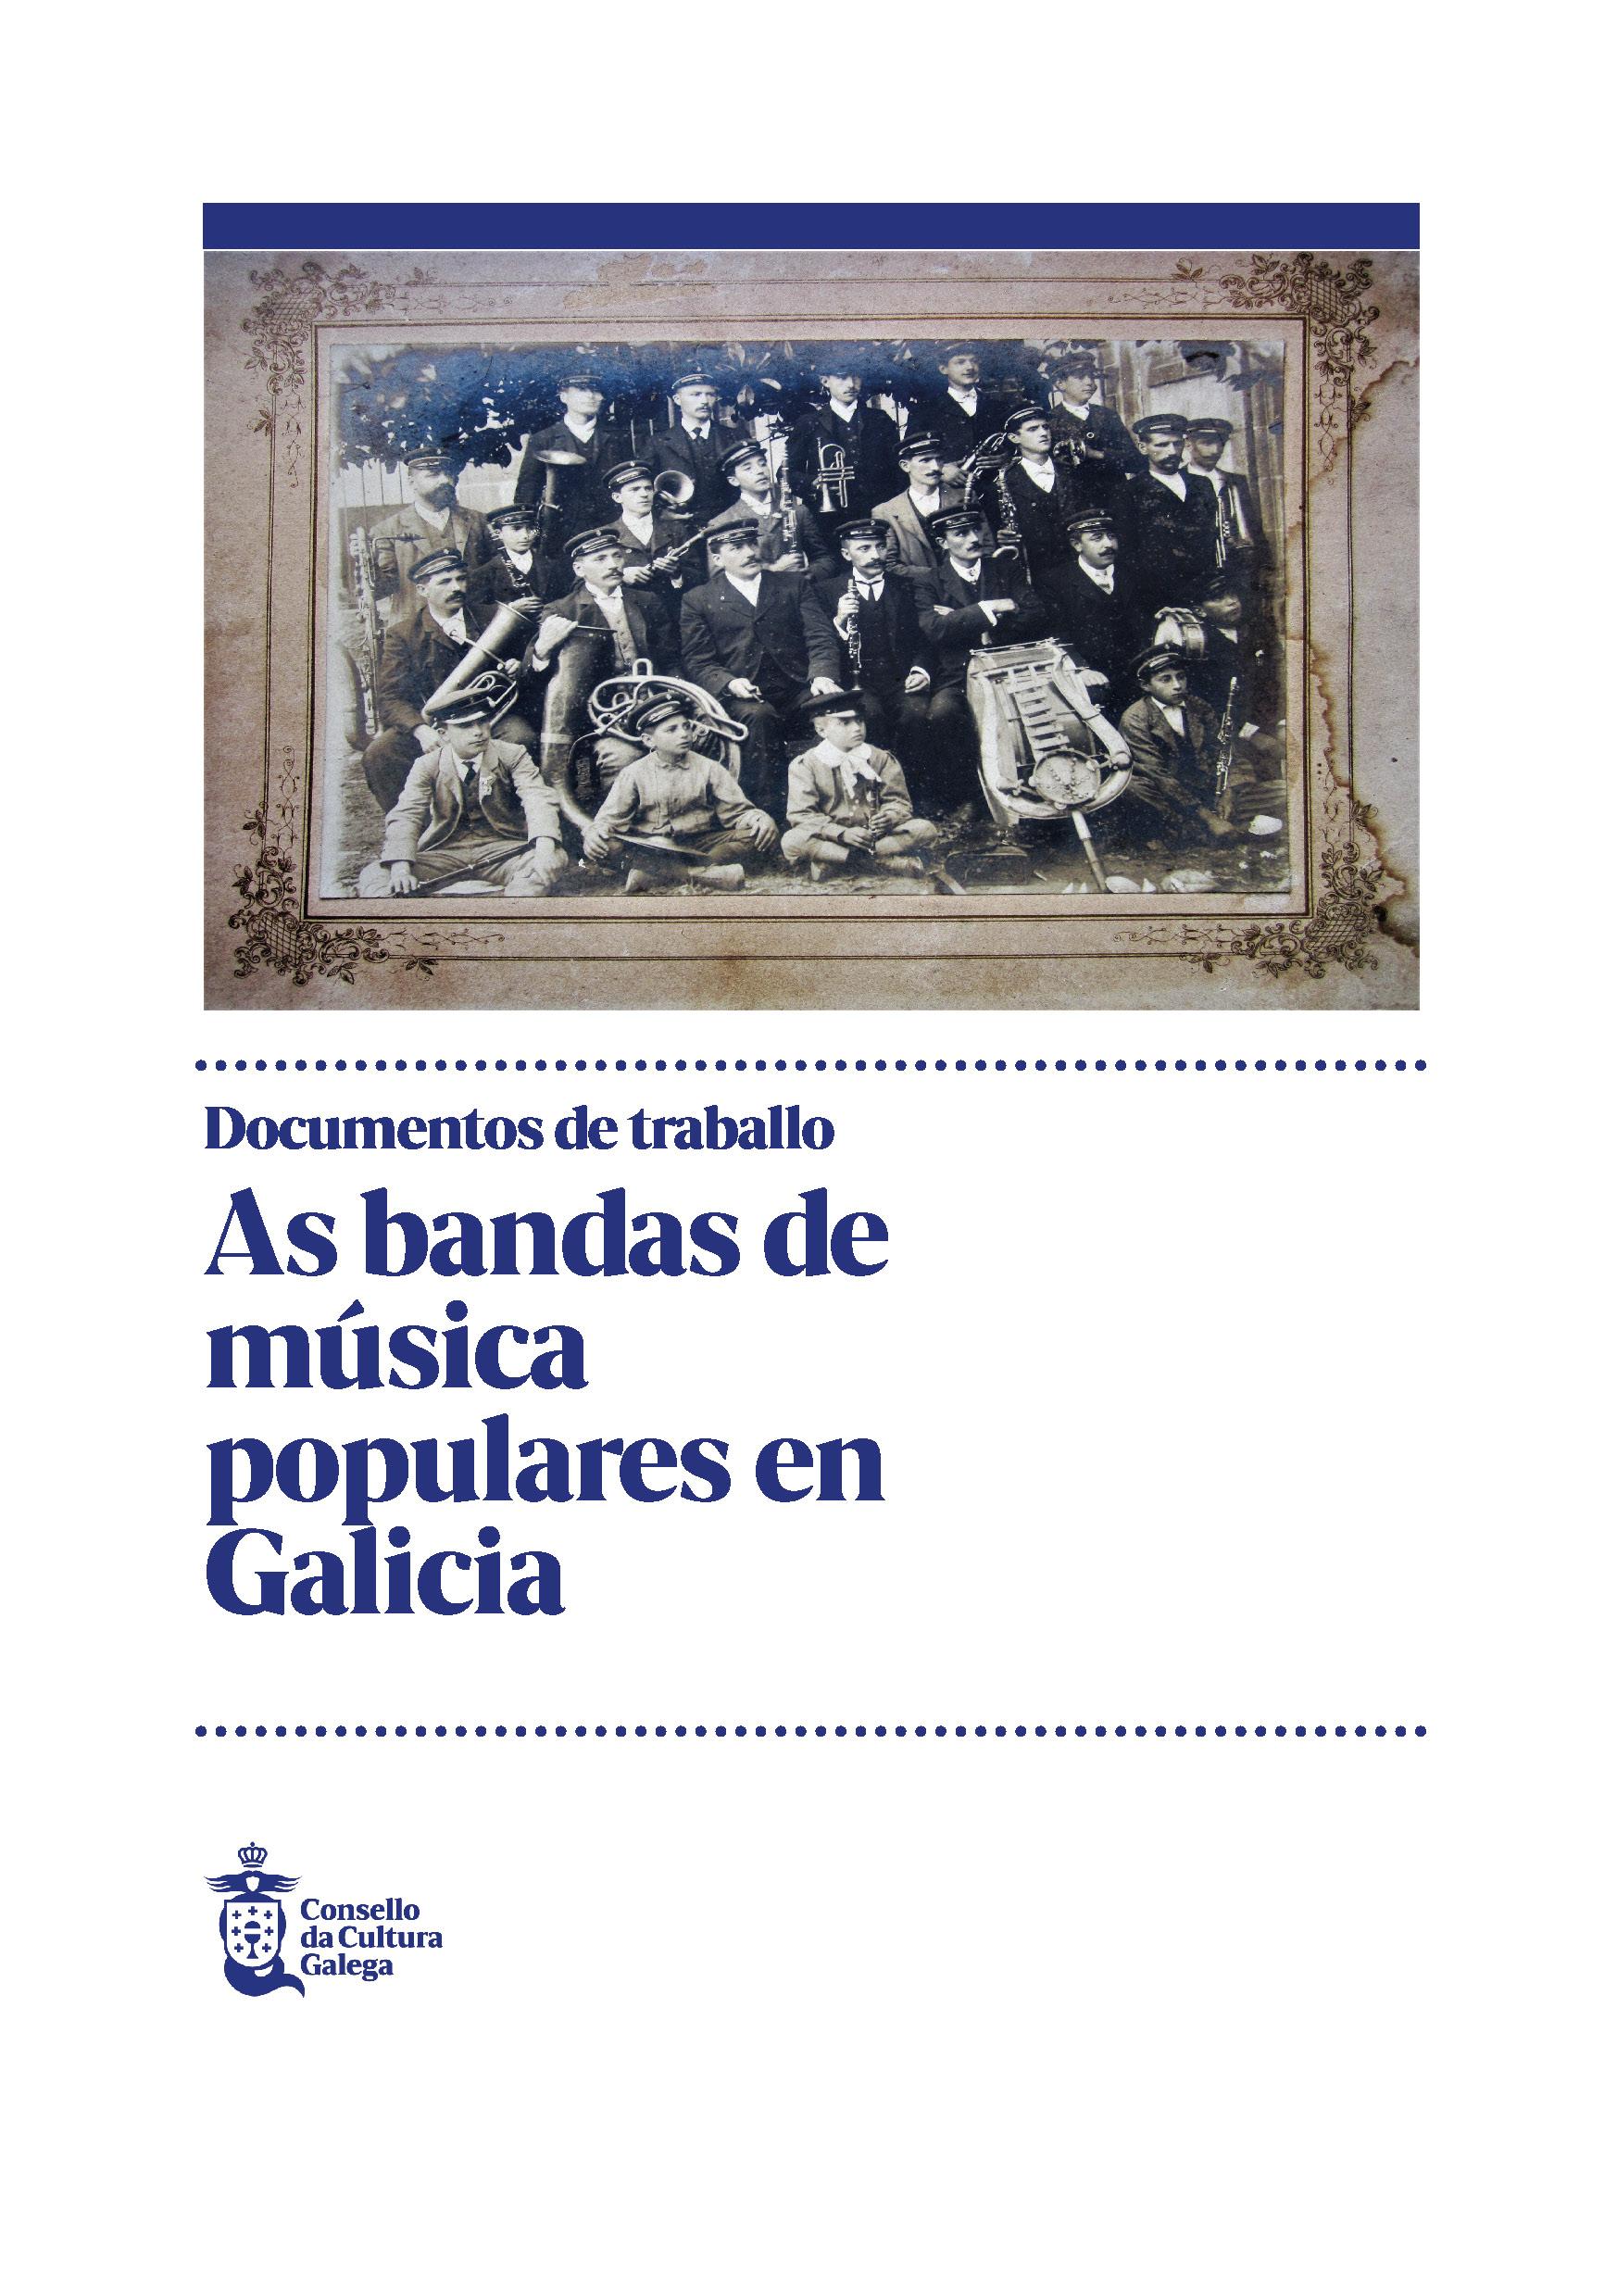 Portada de As bandas de música populares en Galicia